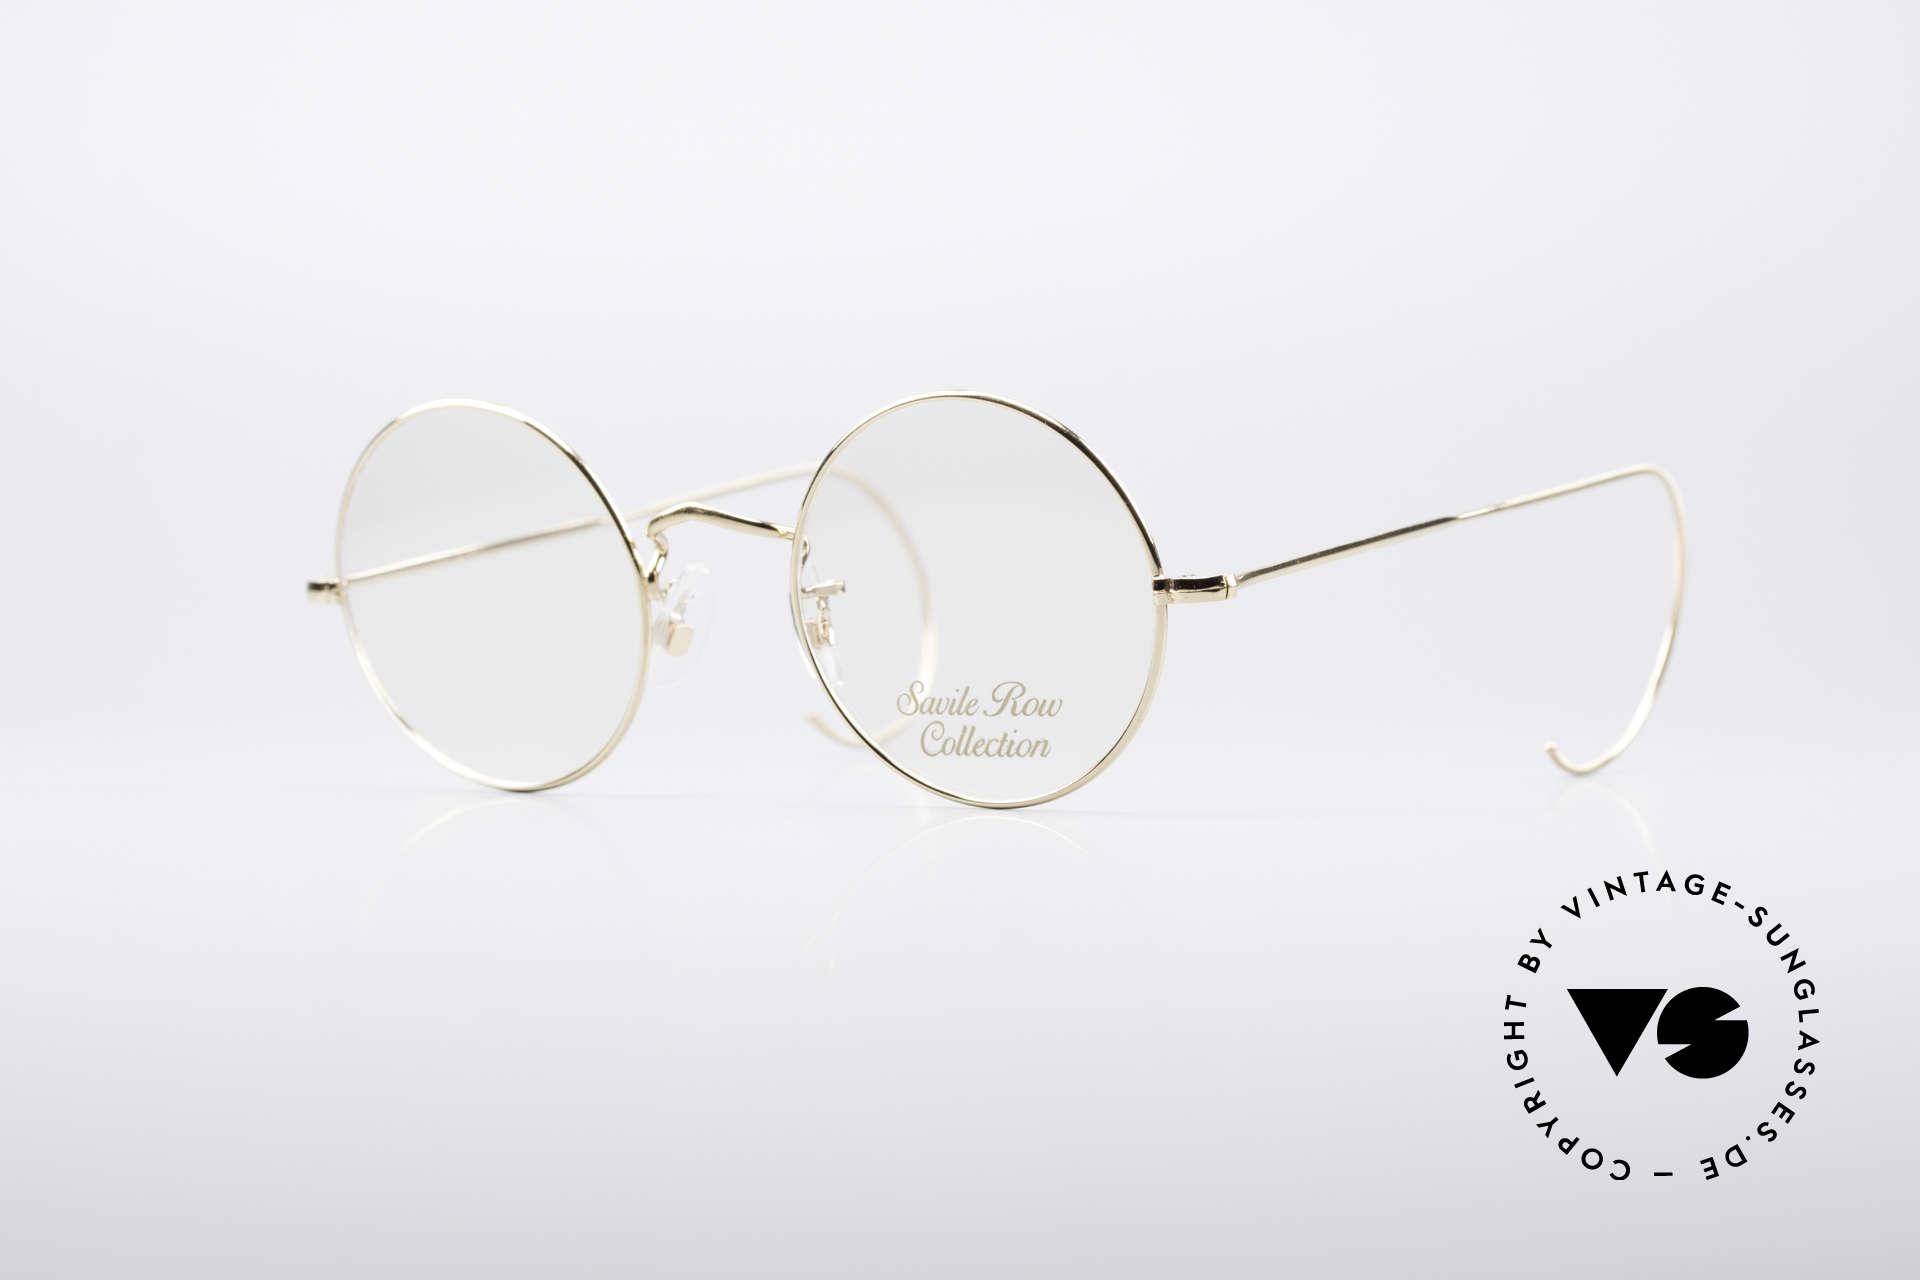 Savile Row Round 44/20 14kt Gold Fassung, 'The Savile Row Collection' von ALGHA, UK Optical, Passend für Herren und Damen